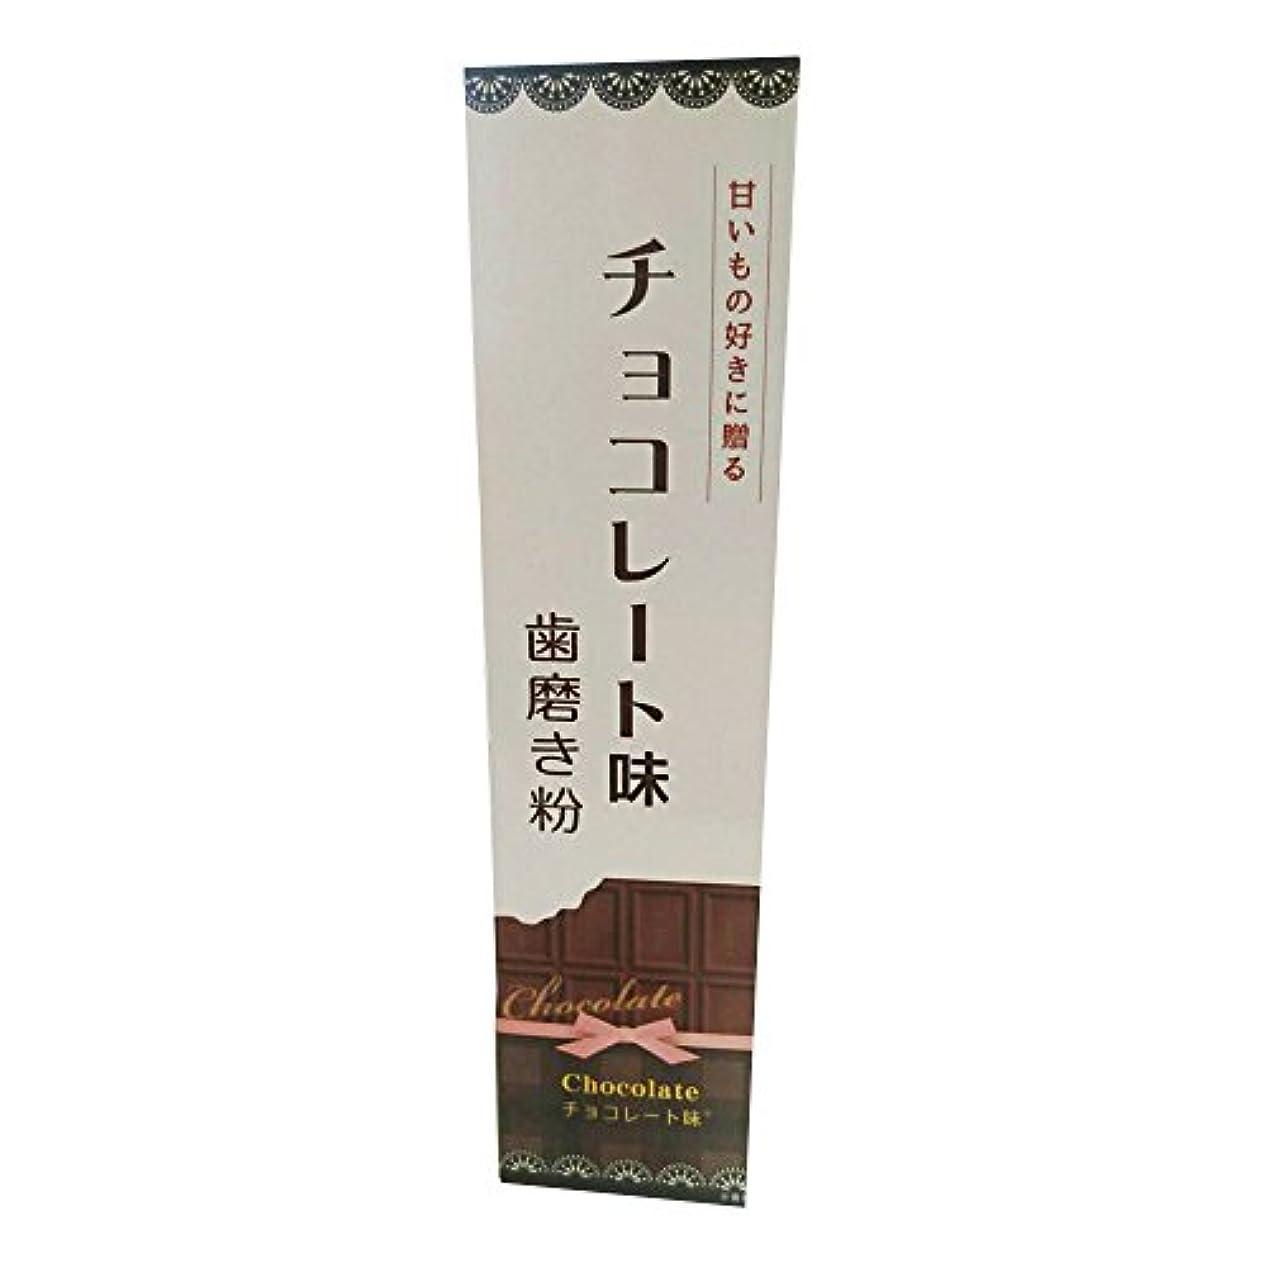 火曜日ファランクス有能なフレーバー歯磨き粉チョコレート味 70g